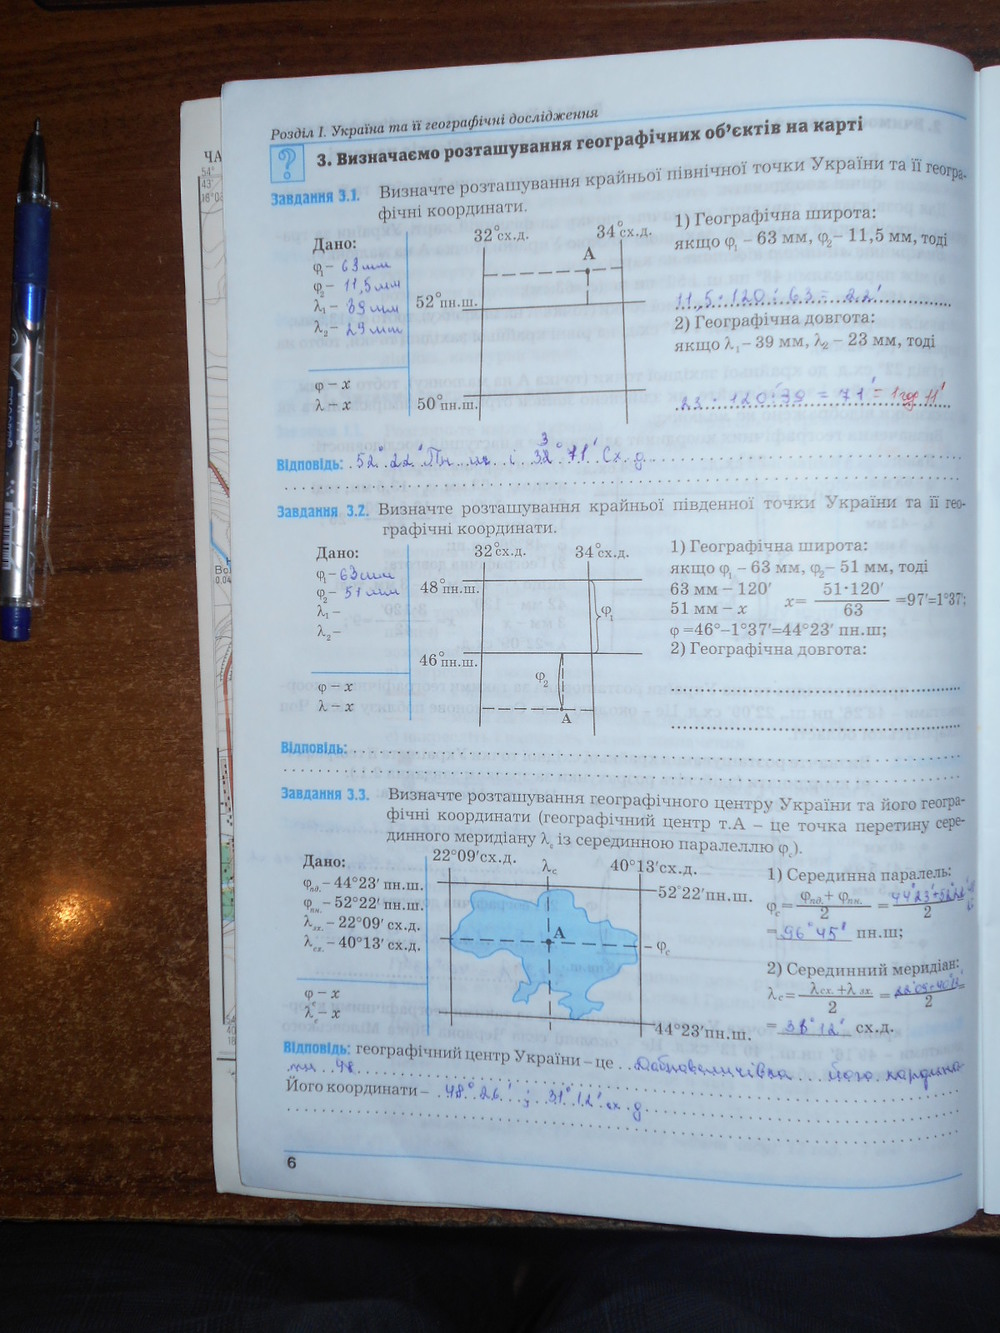 ГДЗ відповіді робочий зошит по географии 8 класс Думанська Г.В., Назаренко Т.Г.. Задание: стр. 6